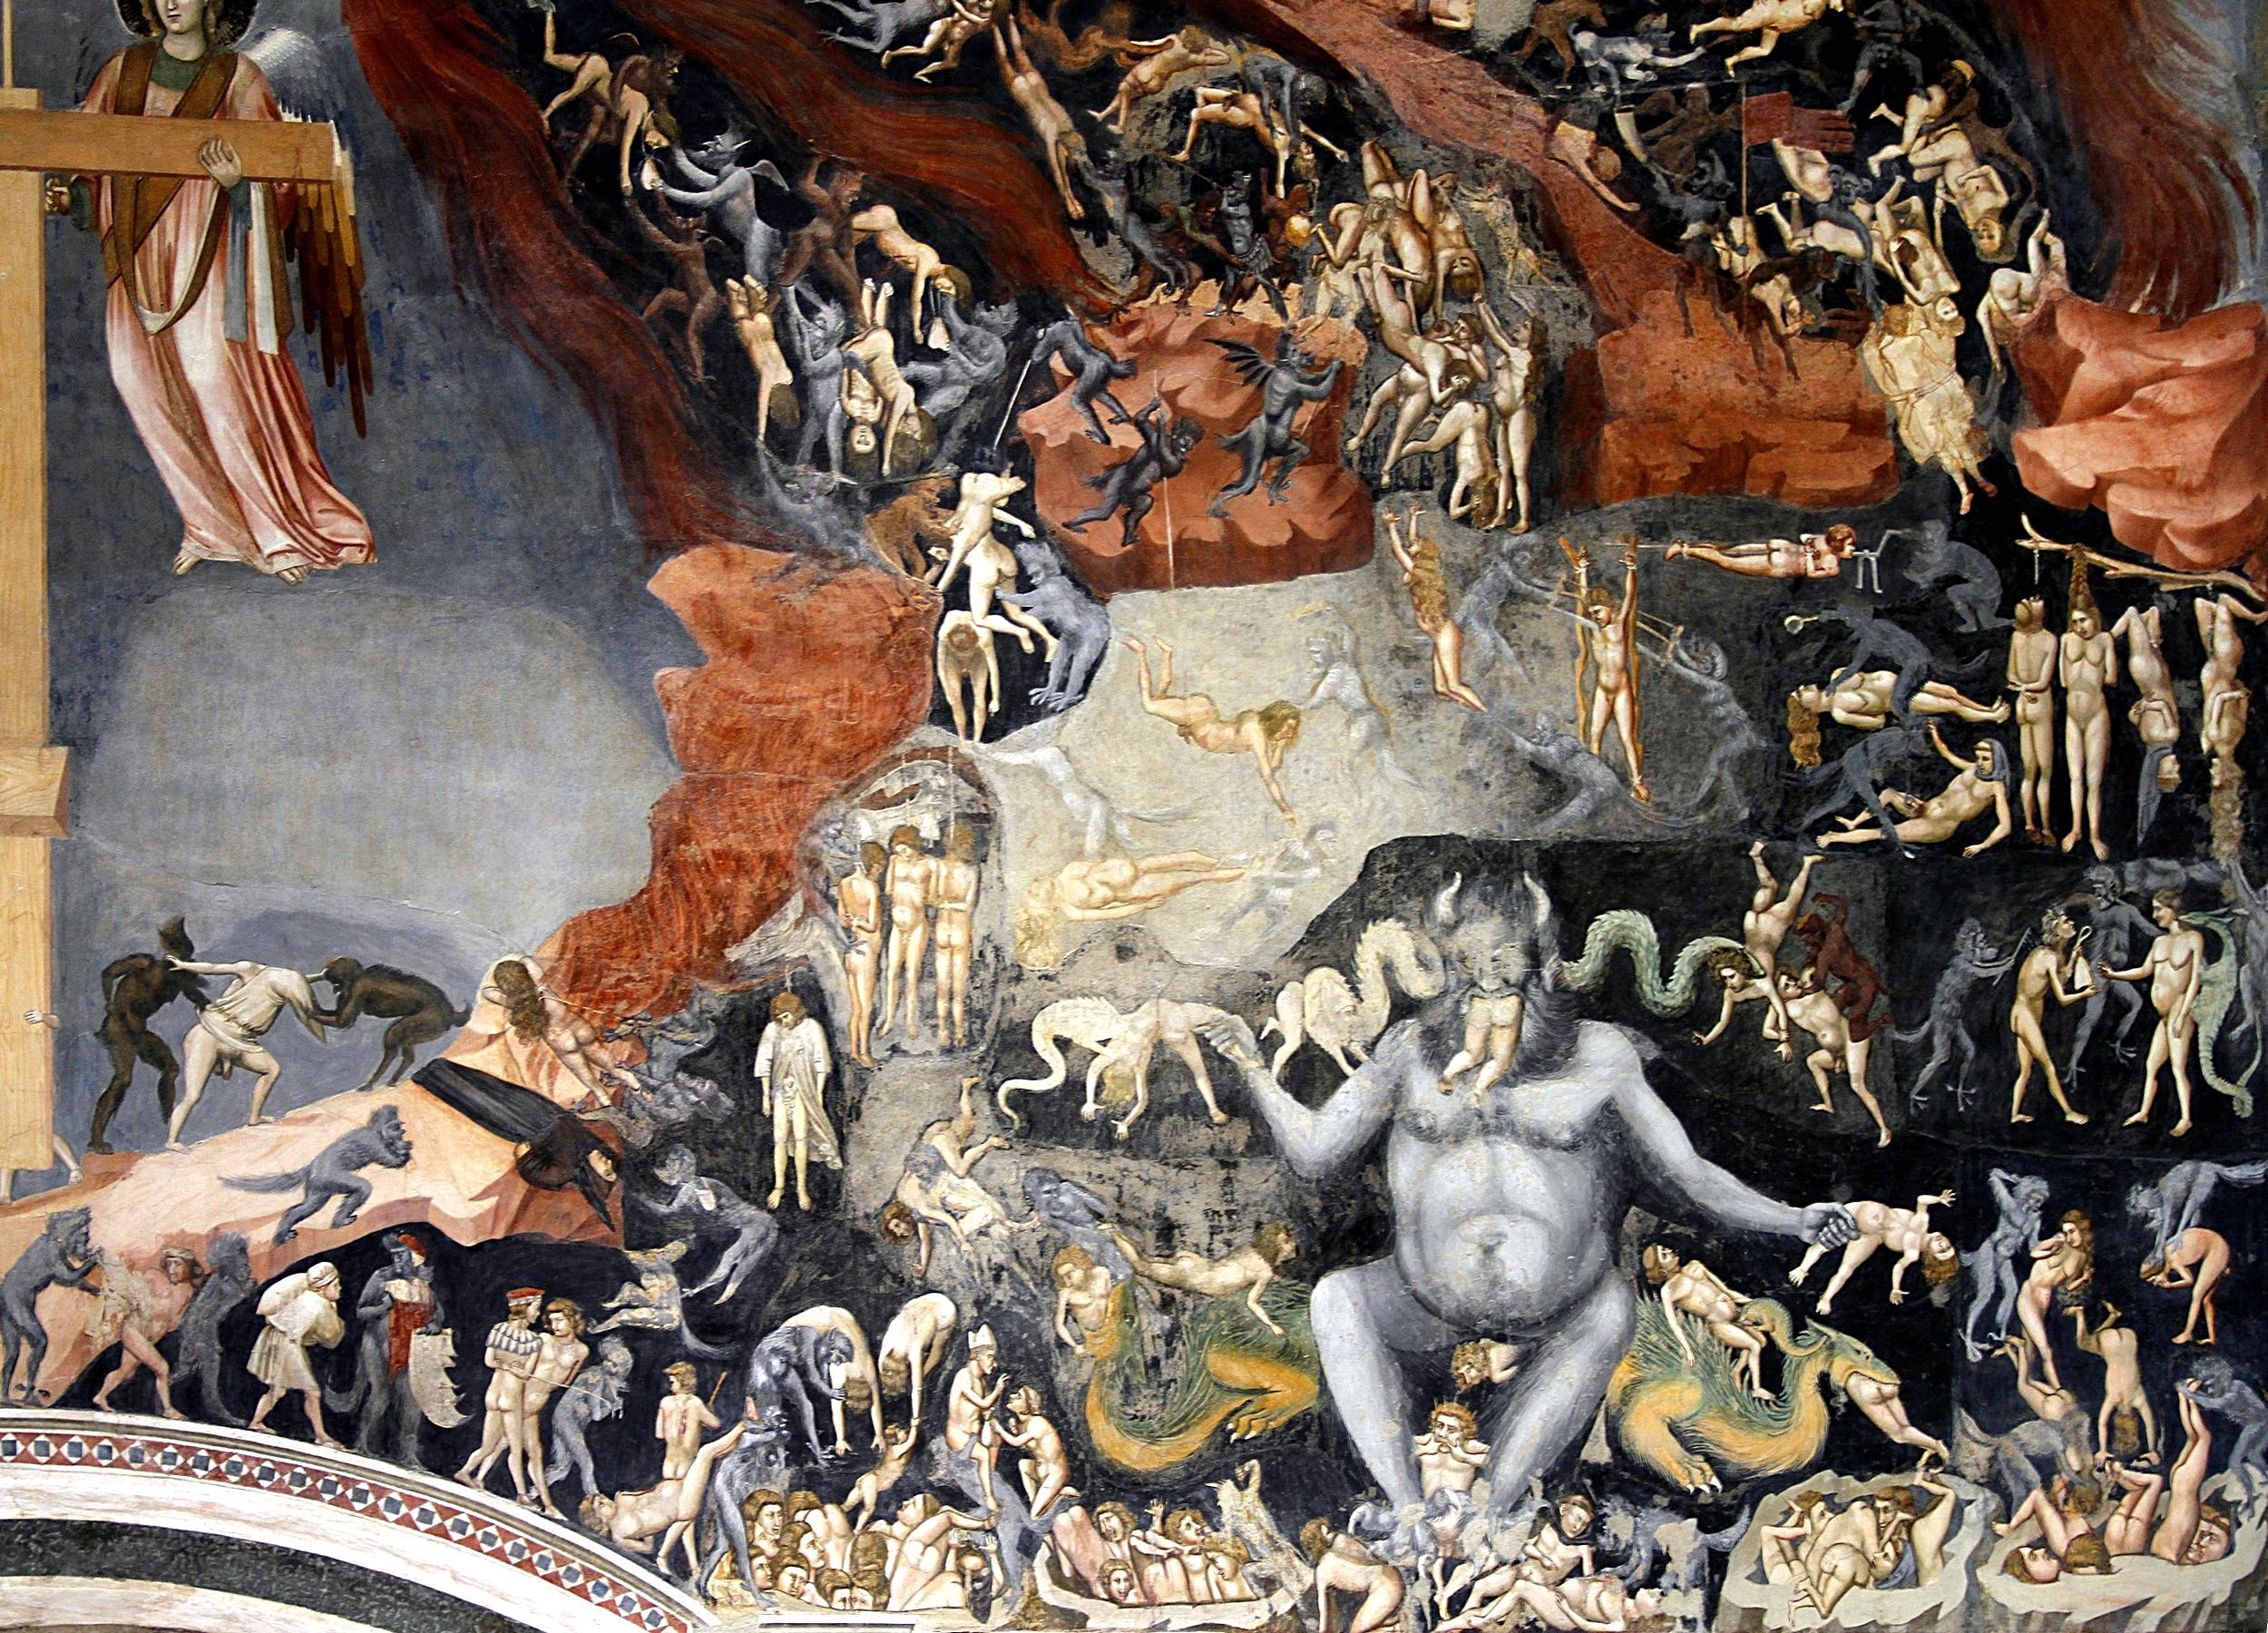 Giotto, Giudizio universale, particolare dell'Inferno. Padova, Cappella degli Scrovegni.